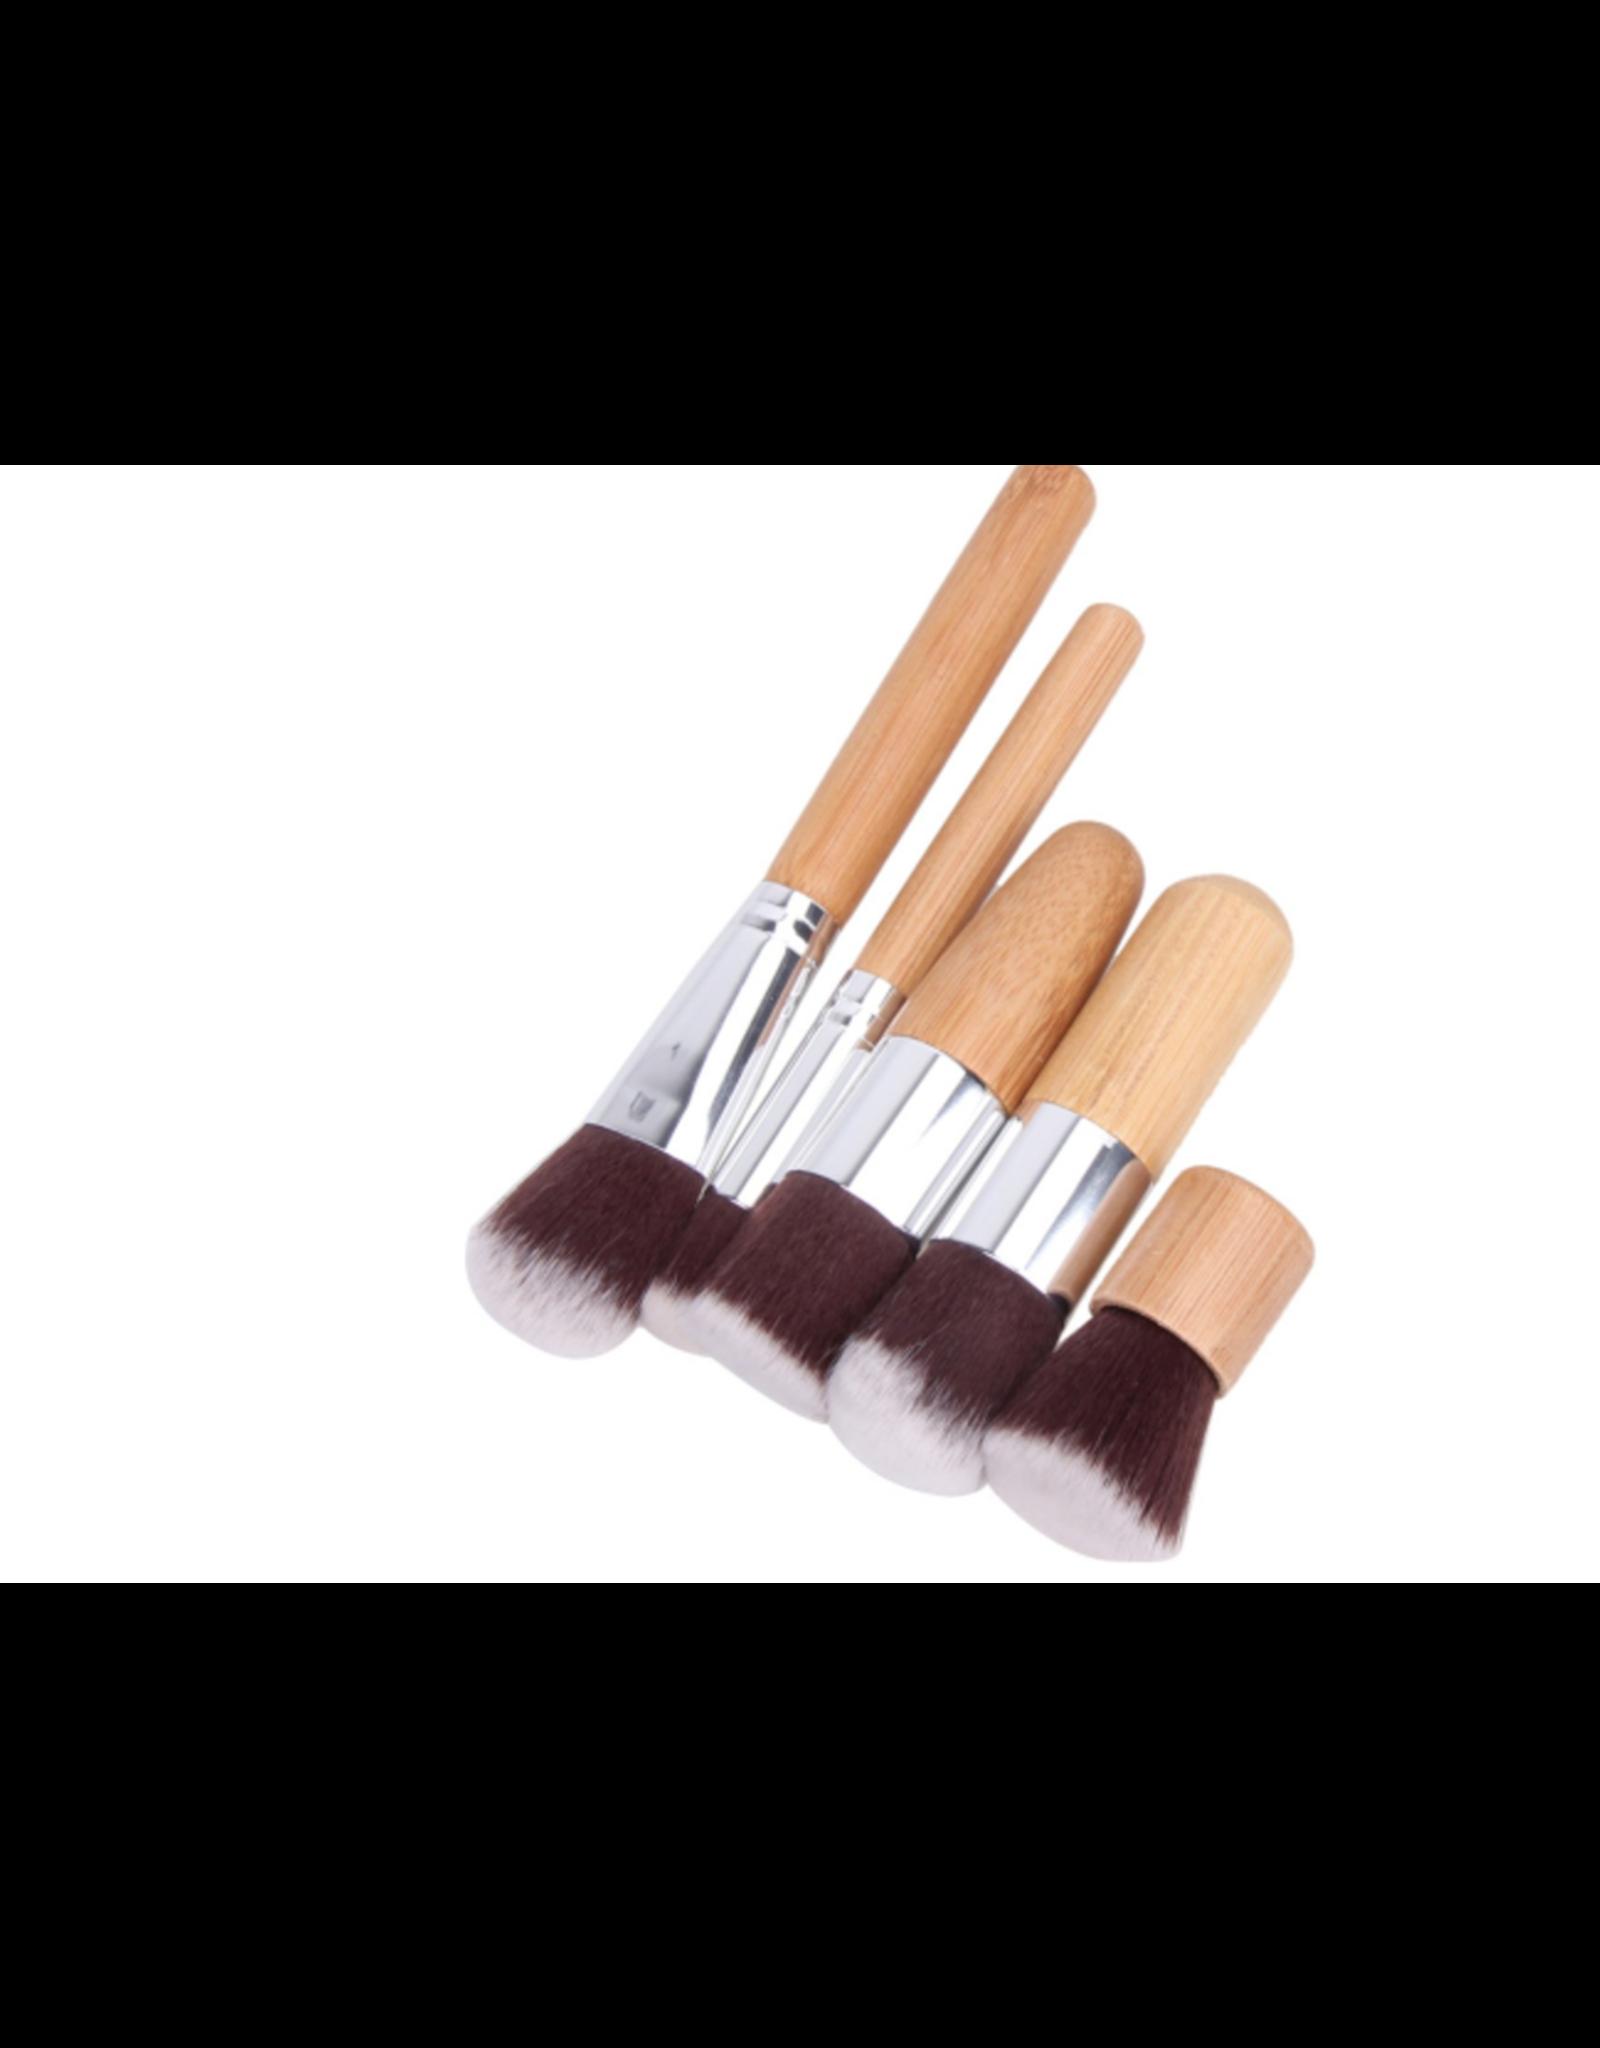 Professionele 11-Delige Make Up Kwasten Set